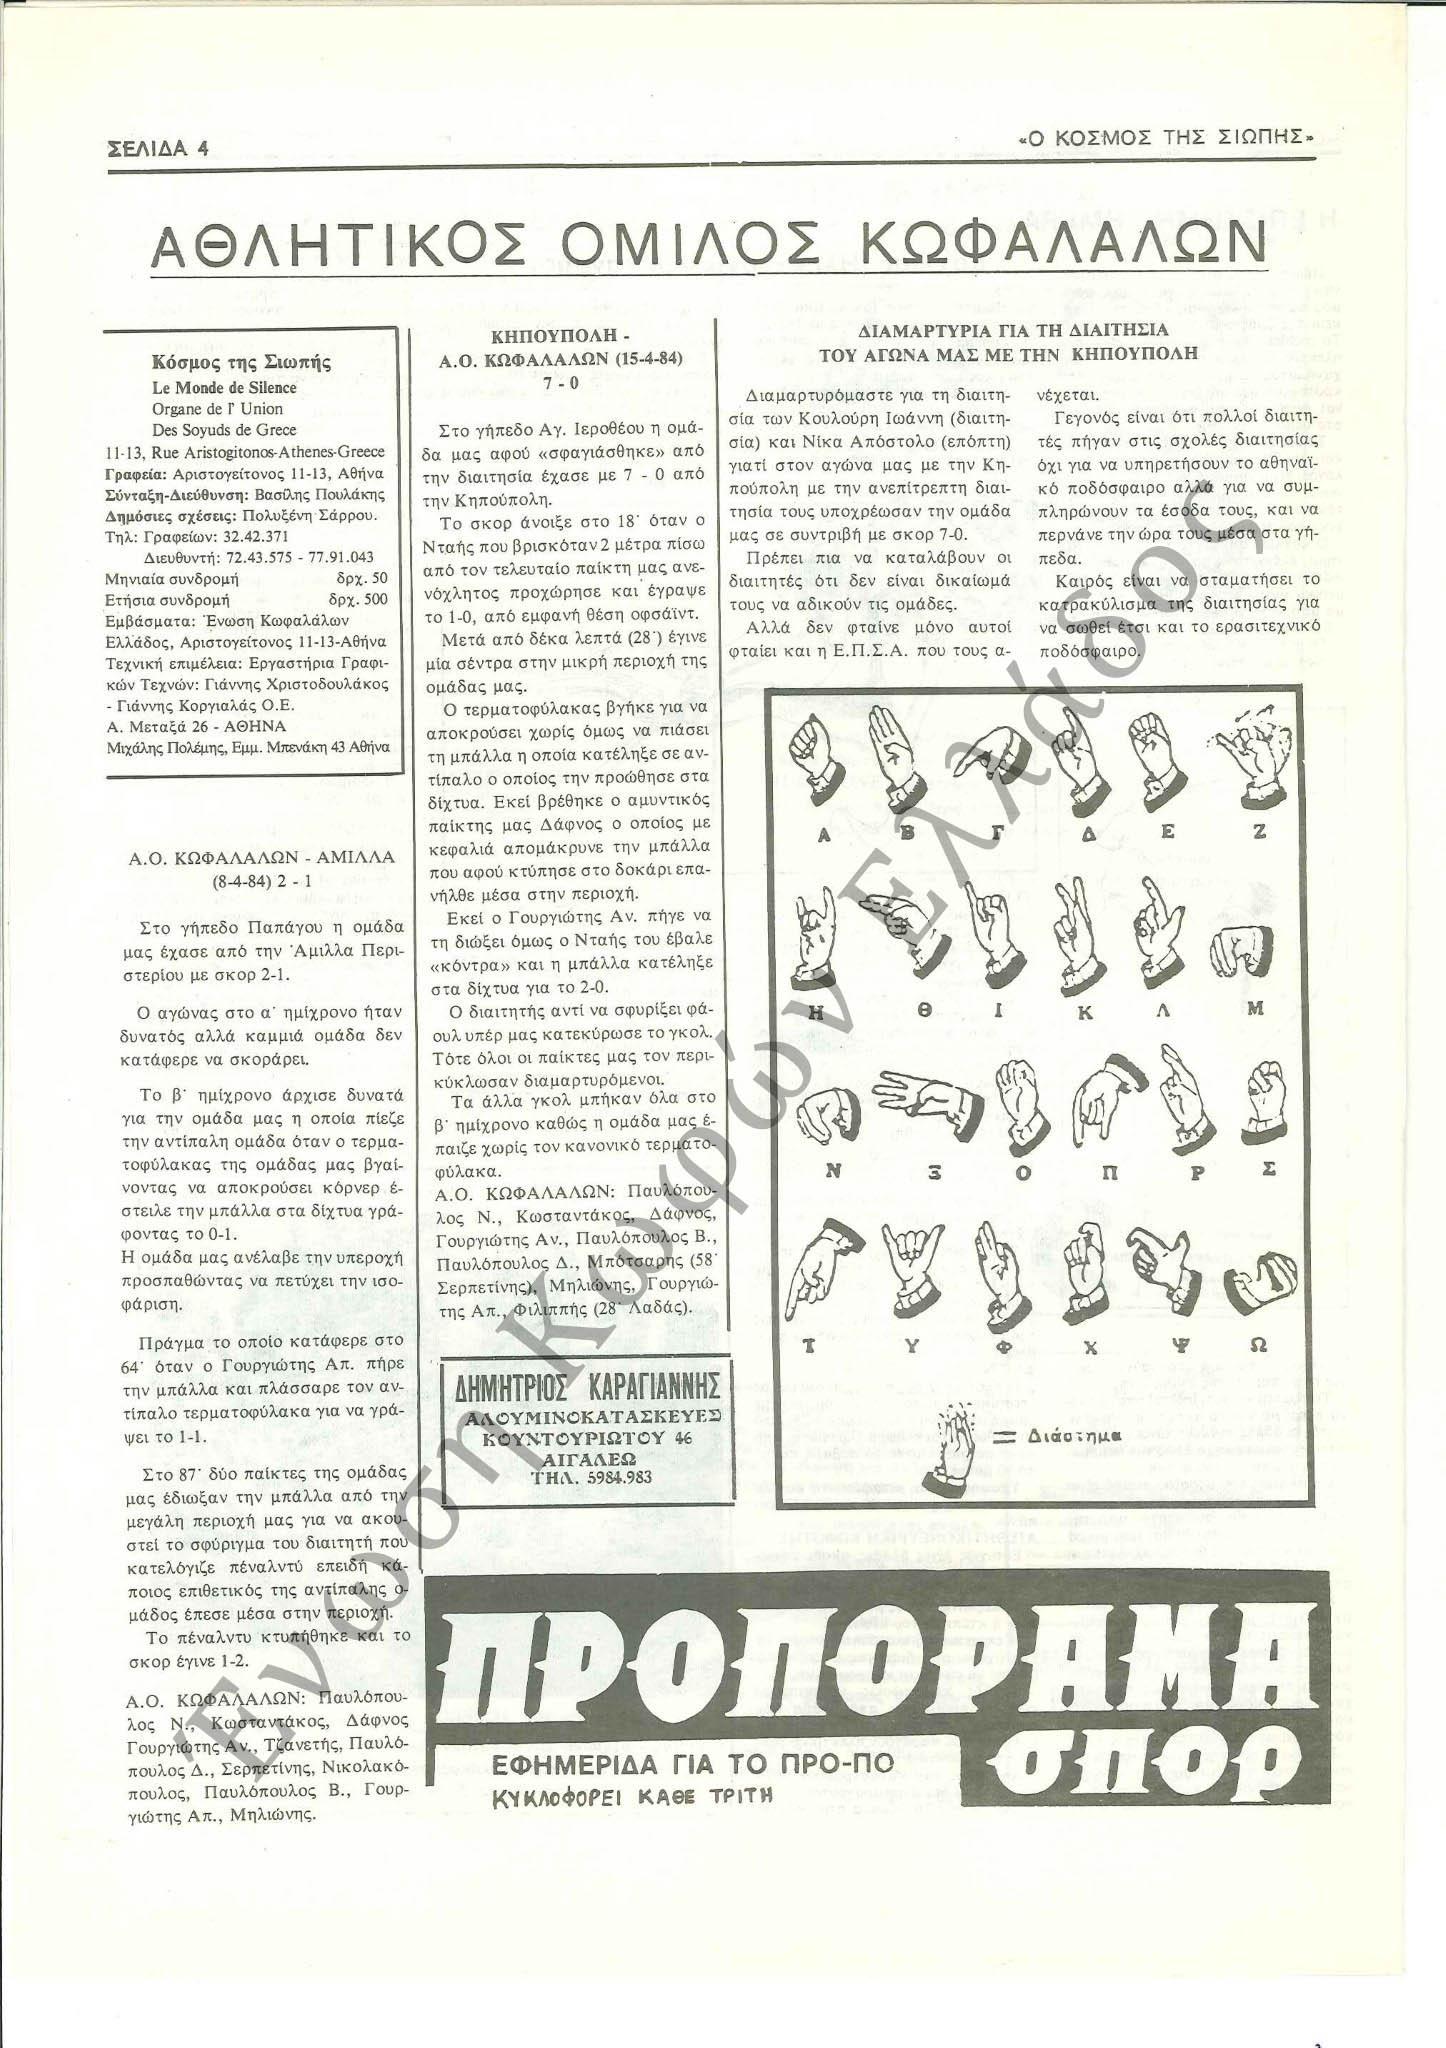 Ο Κόσμος της Σιωπής 1984-Μάιος 4